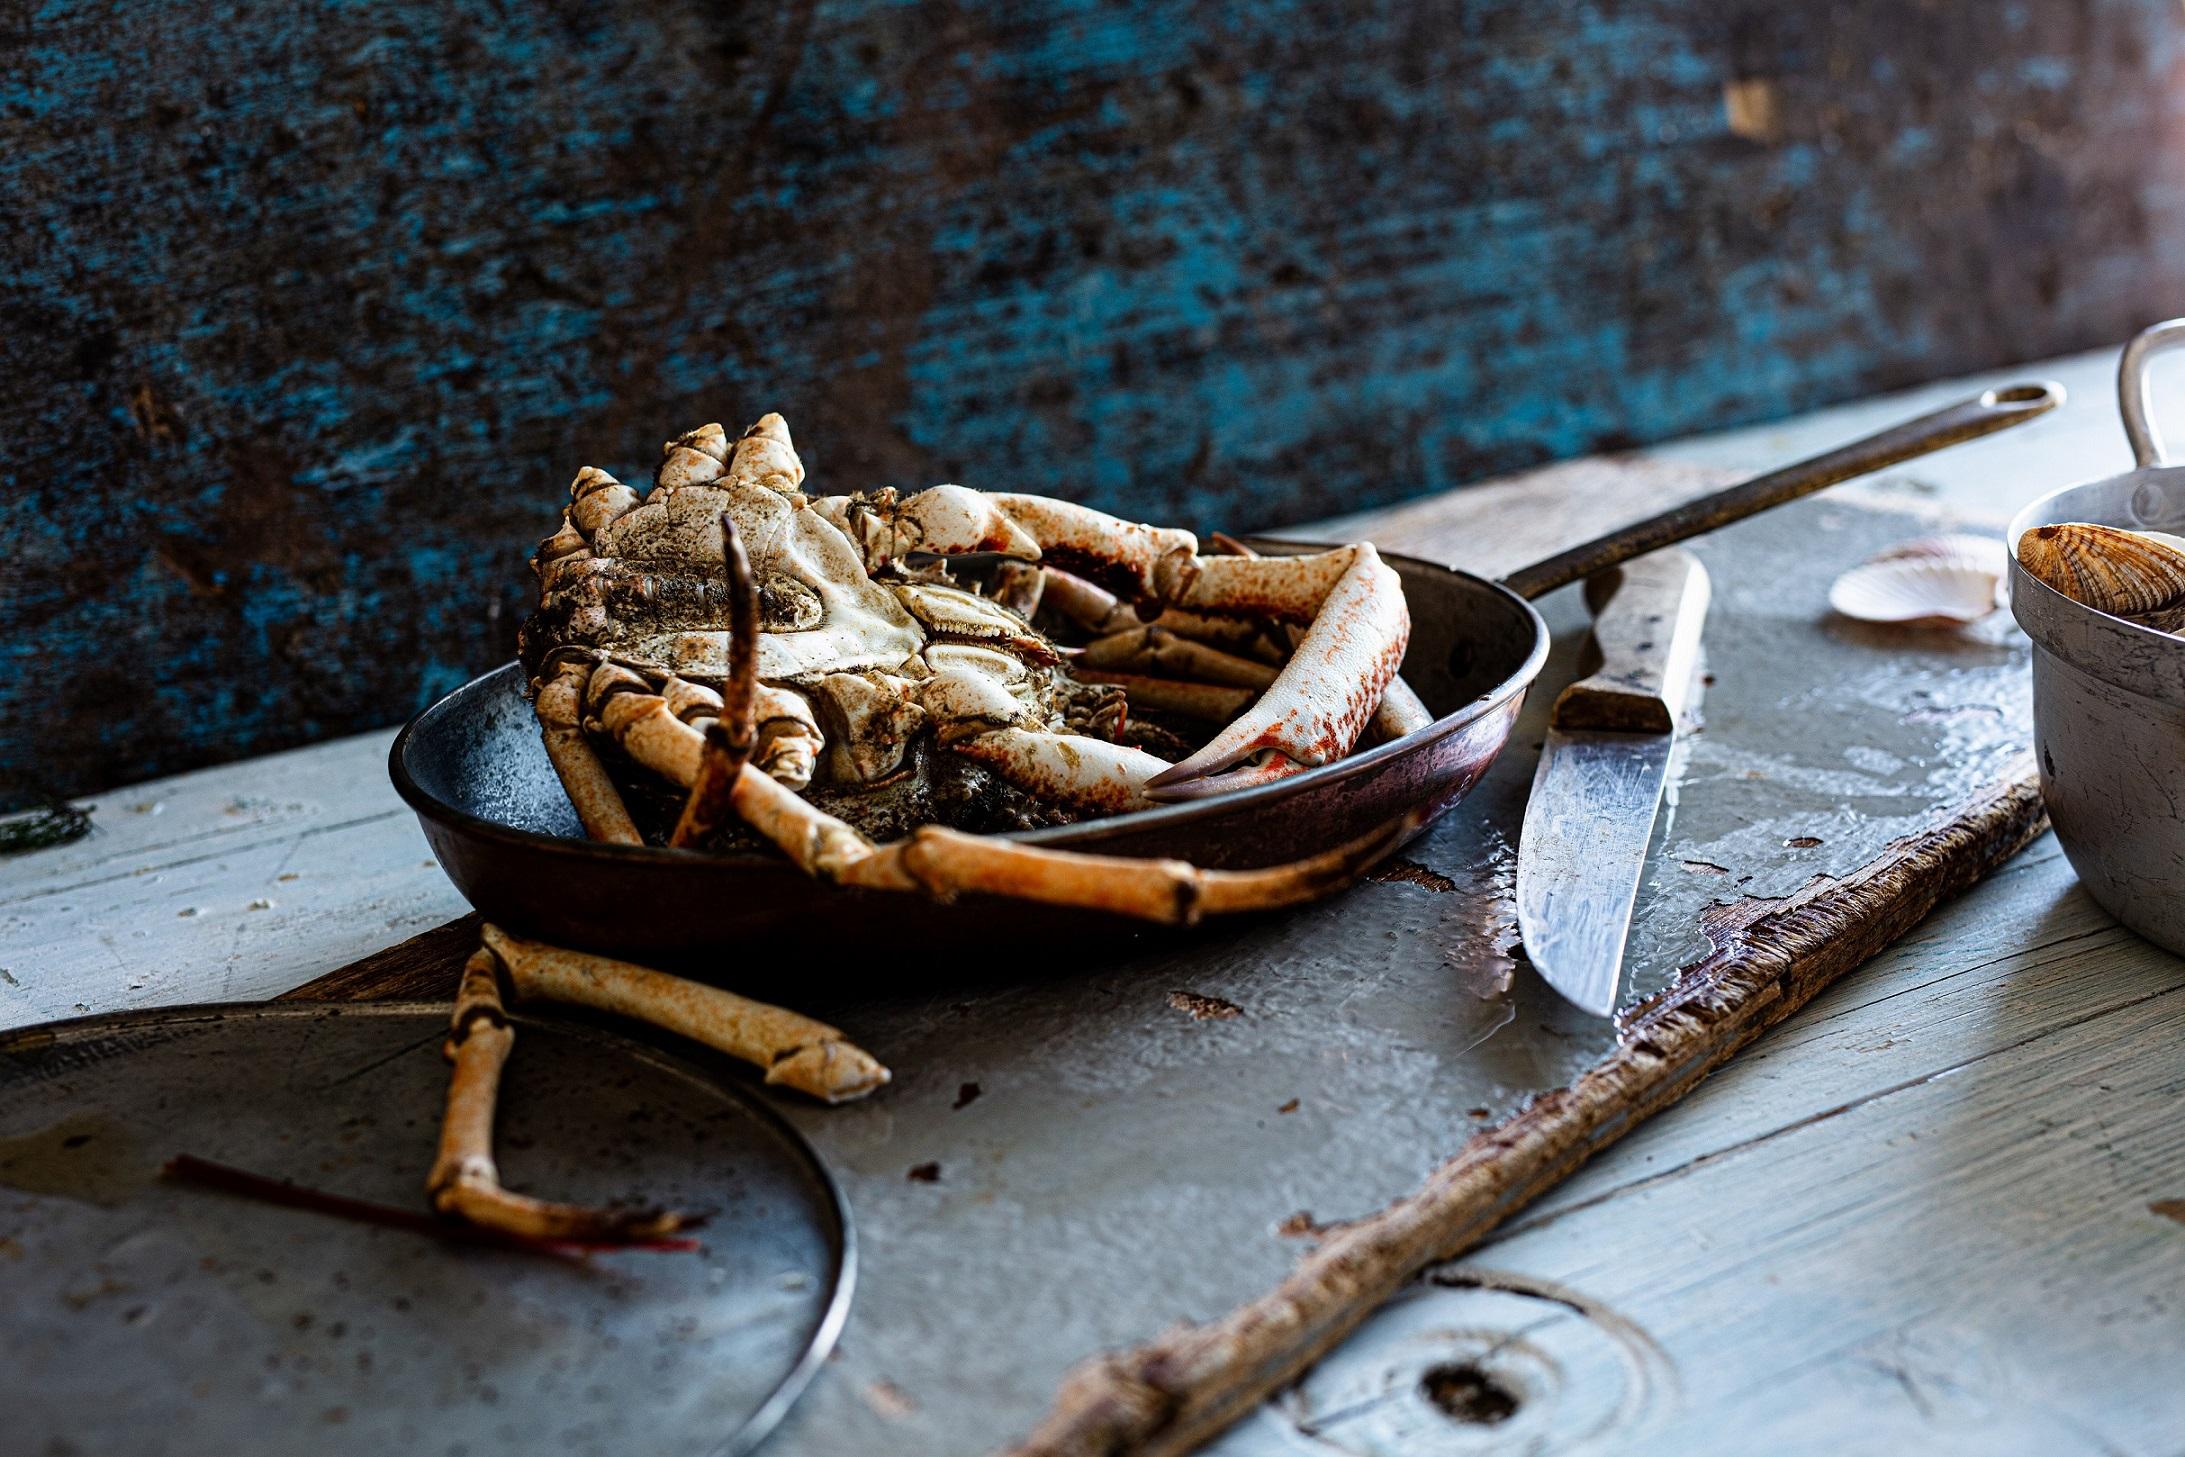 """Istra ovoga proljeća priprema vrhunske gourmet doživljaje – kreće novo izdanje """"Putevima rovinjskih delicija"""""""